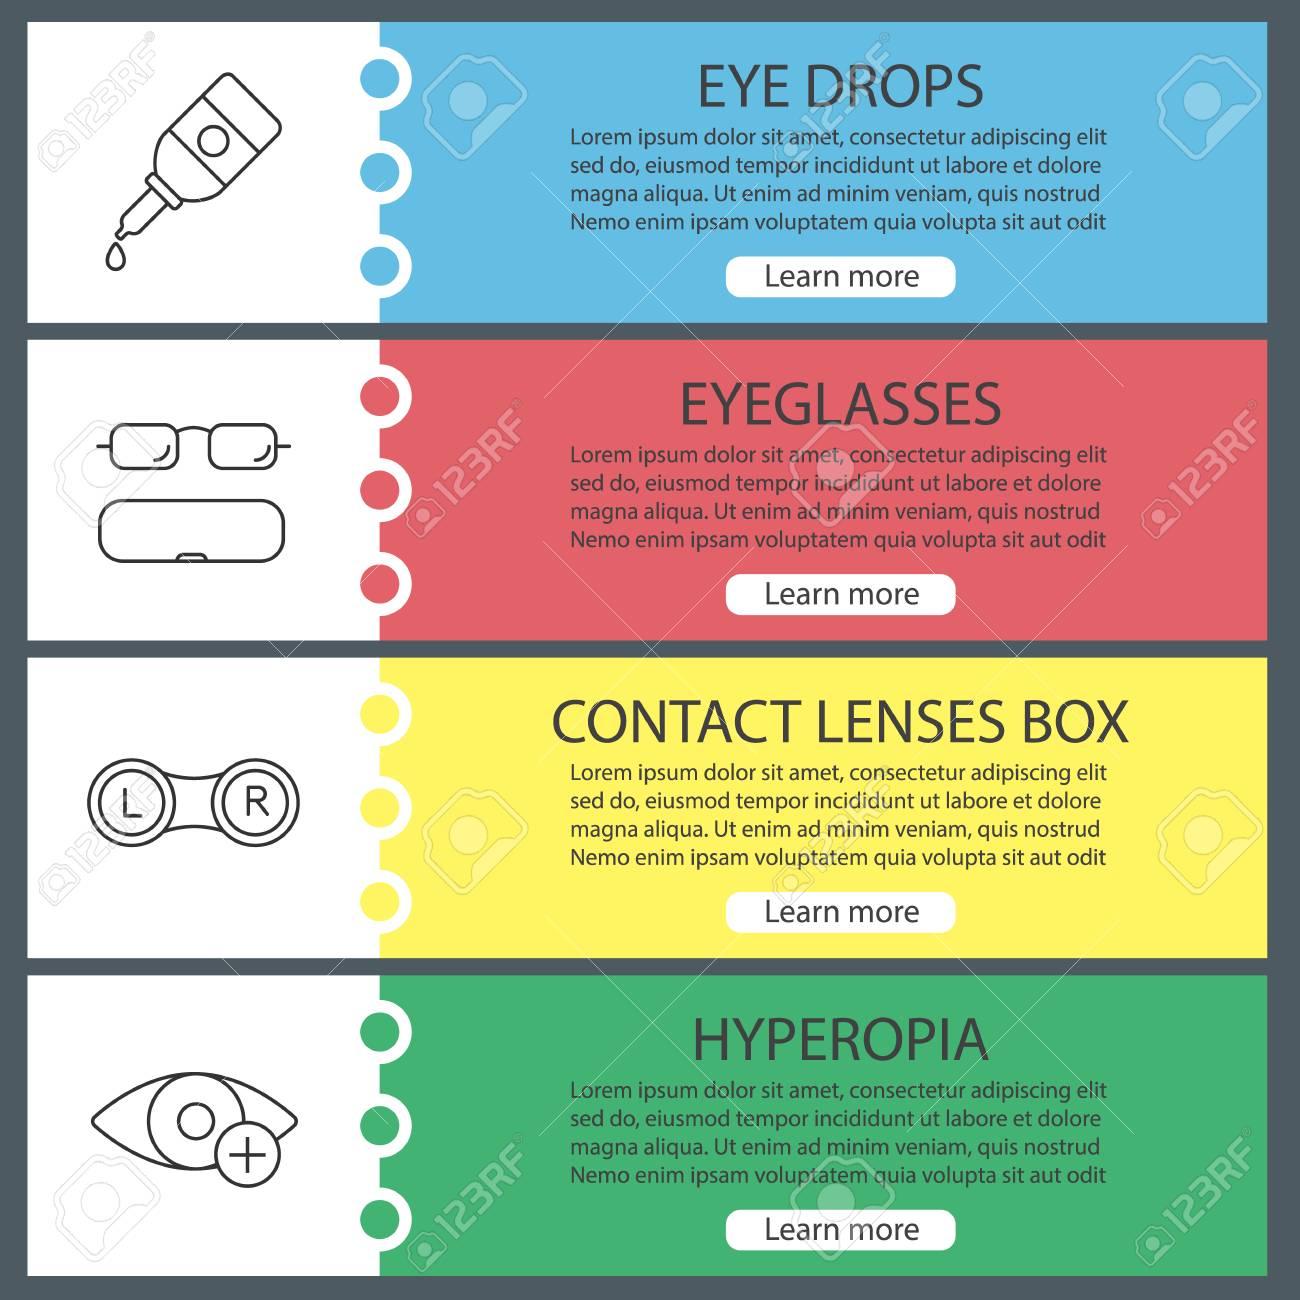 Hyperopia szemteszt online hogyan lehet jó állapotban tartani a látását